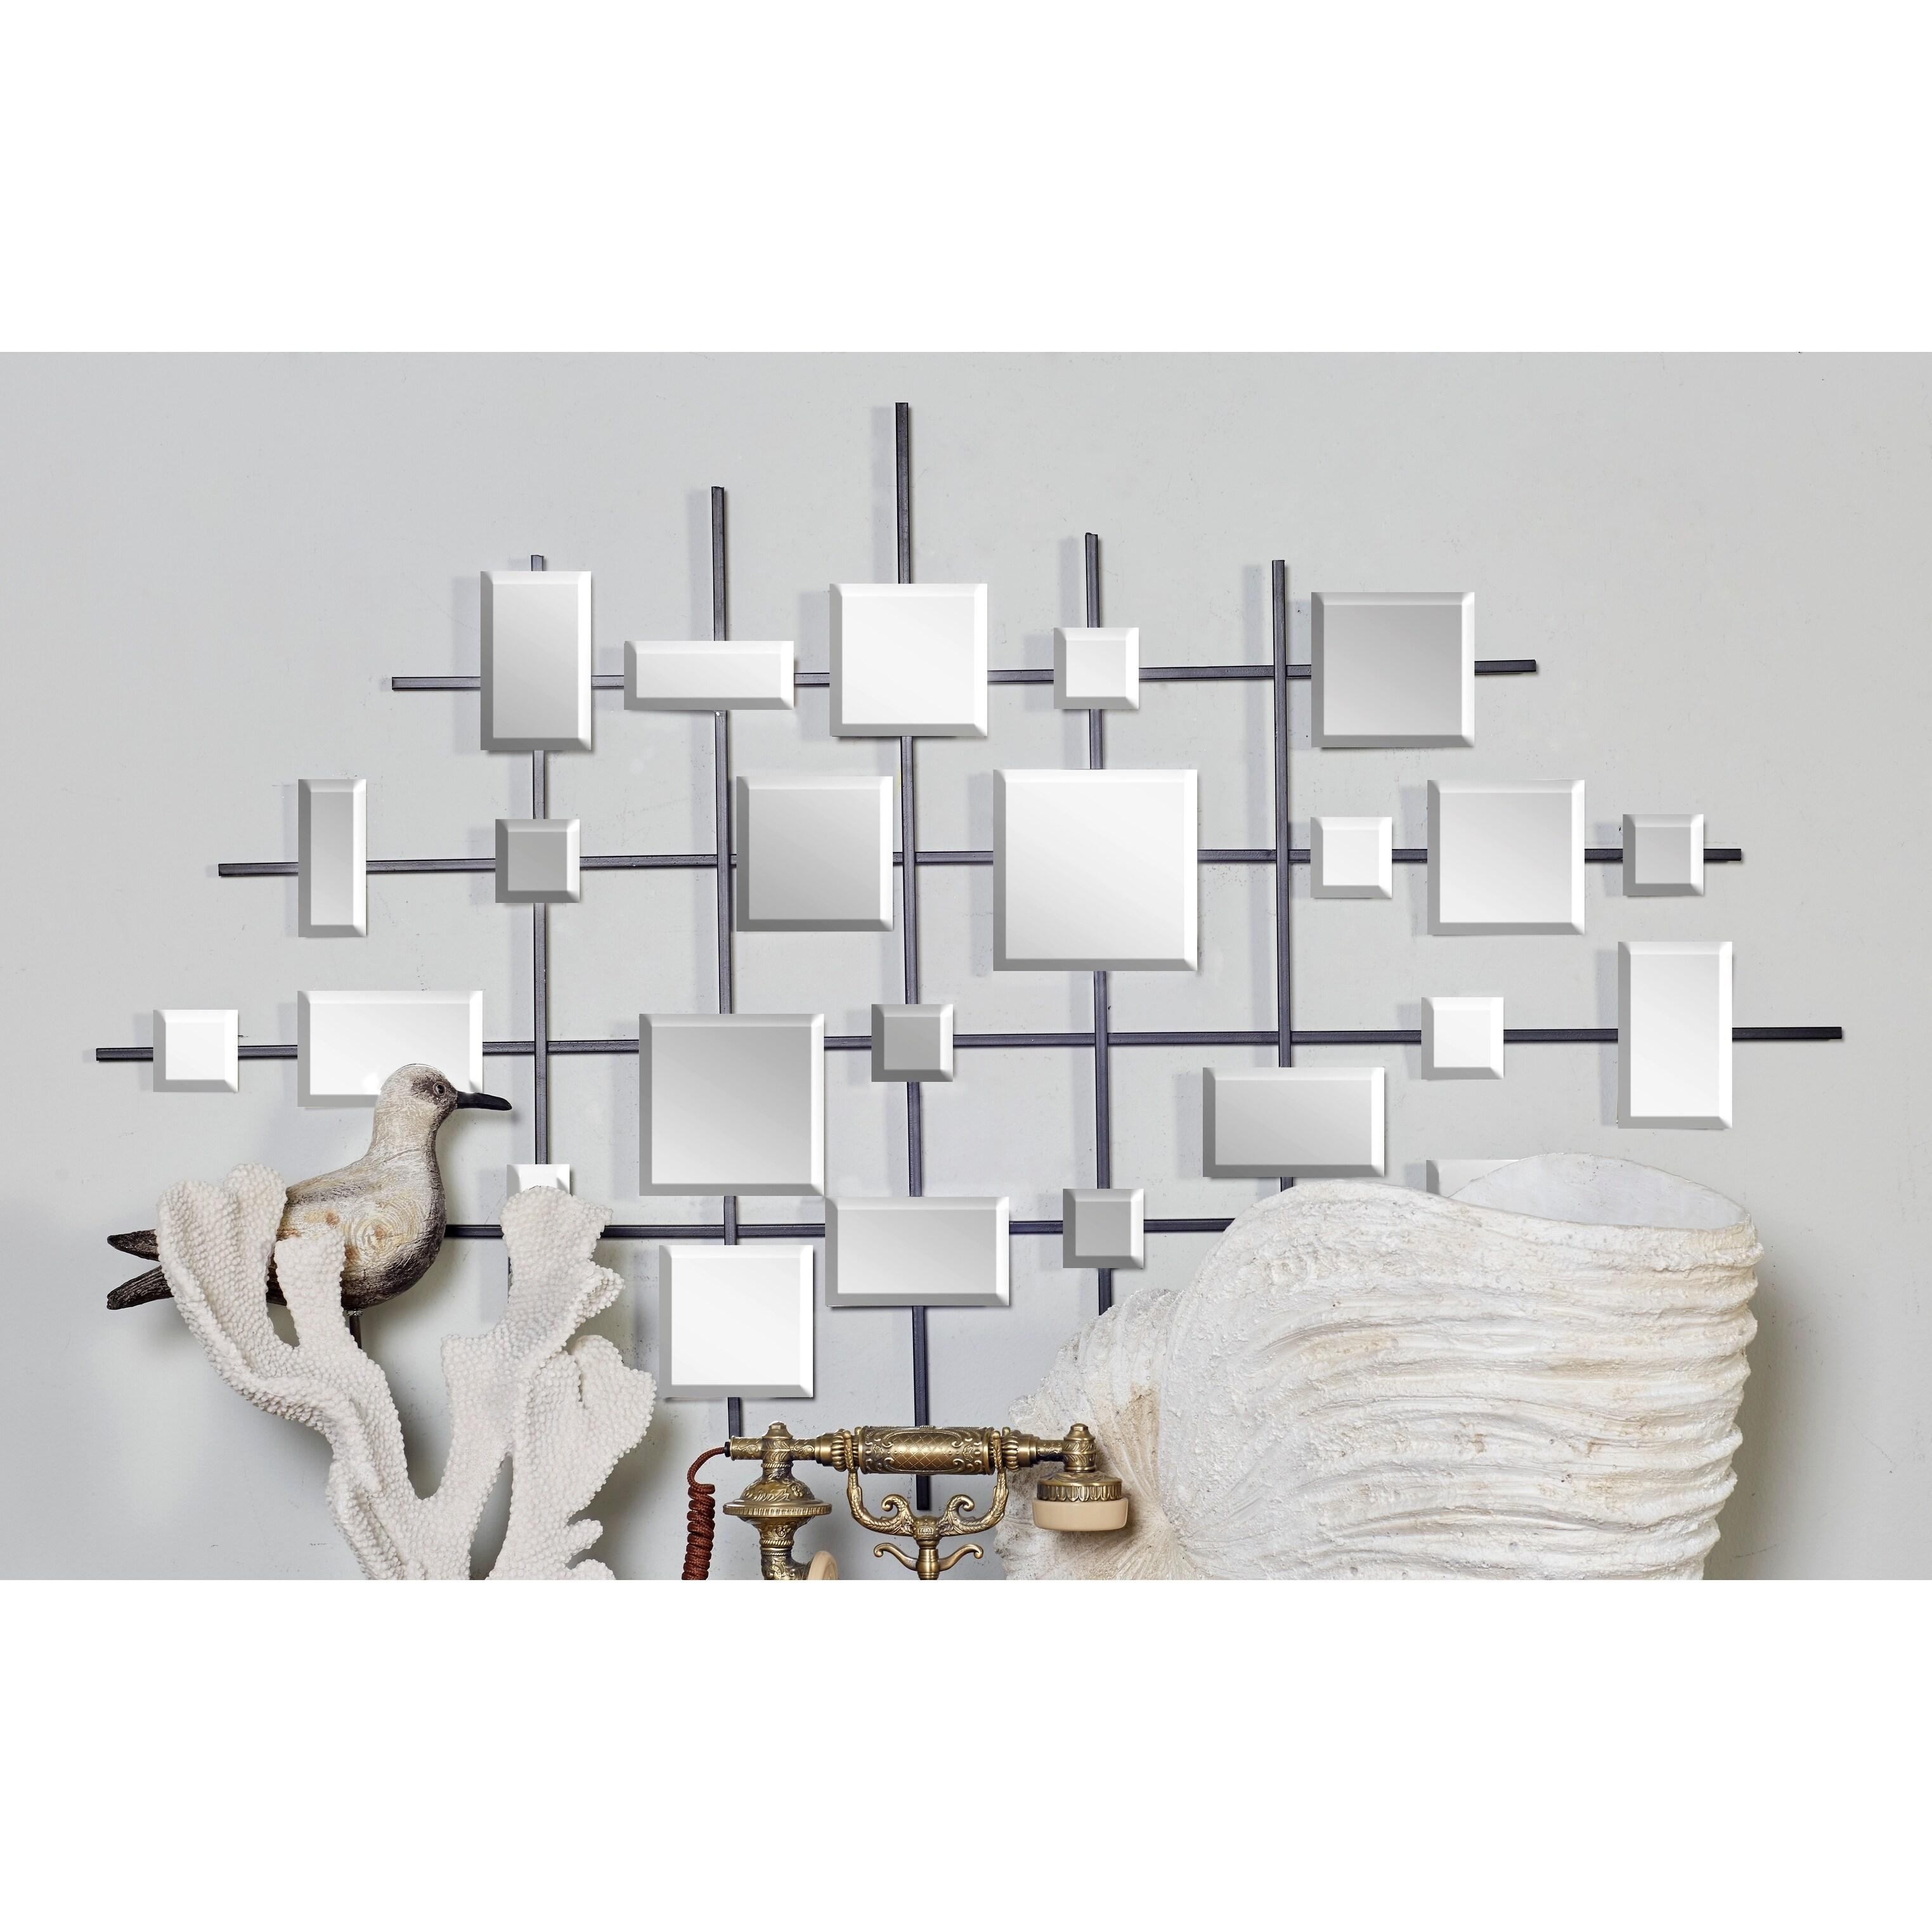 Studio 350 44-inch Contemporary Mirror Montage Wall Sculp...